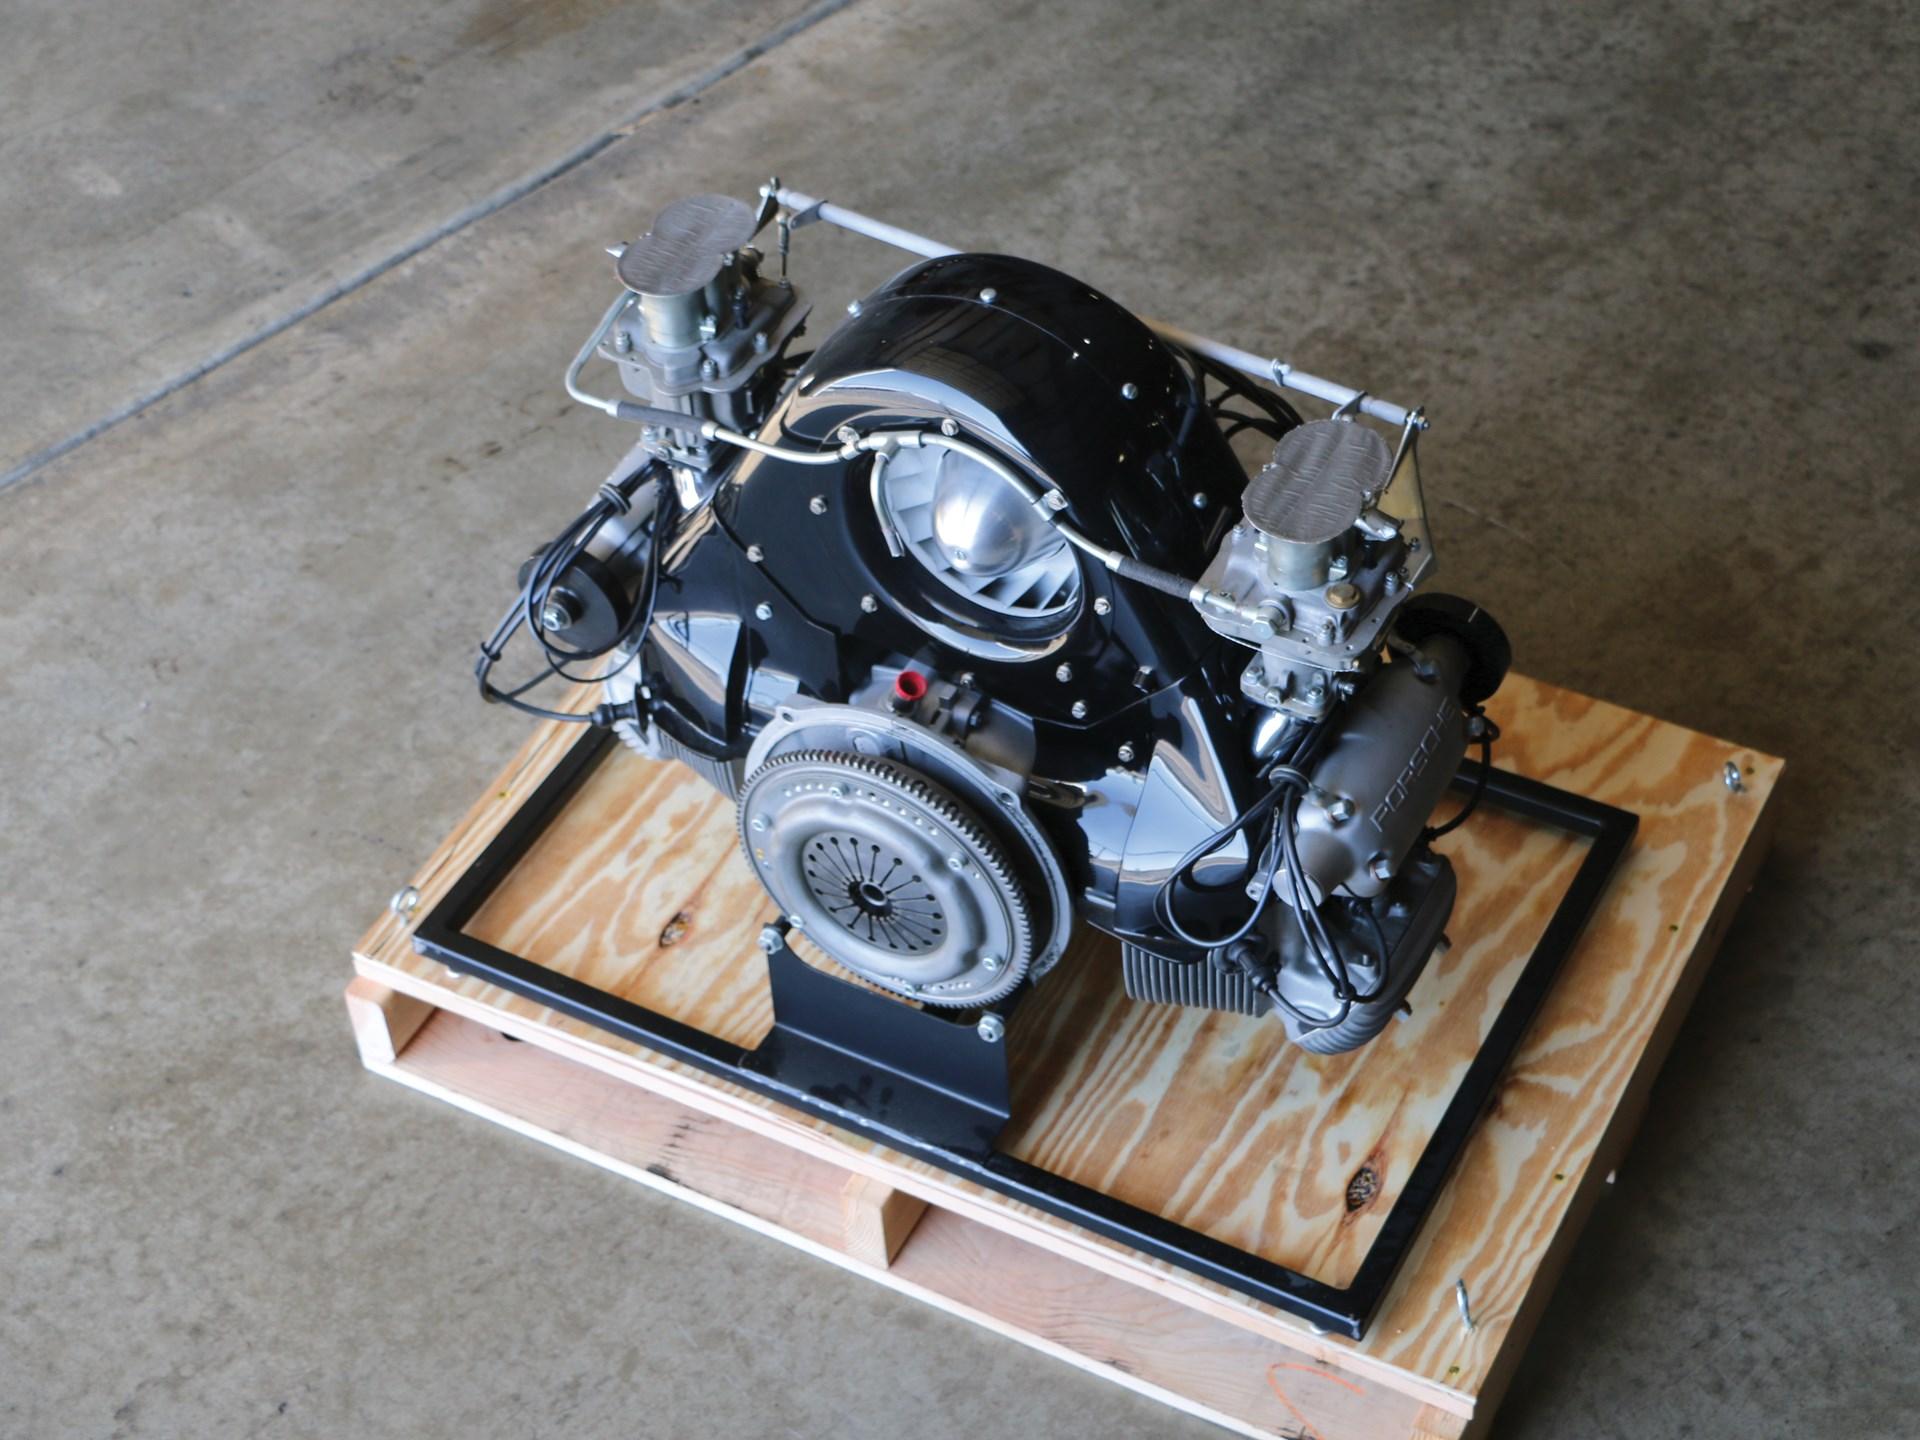 rm sotheby\u0027s porsche 356 b carrera gt gtl type 692 3a engine, no Porsche 356 Motor porsche 356 b carrera gt gtl type 692 3a engine, no 96037, 1960 61